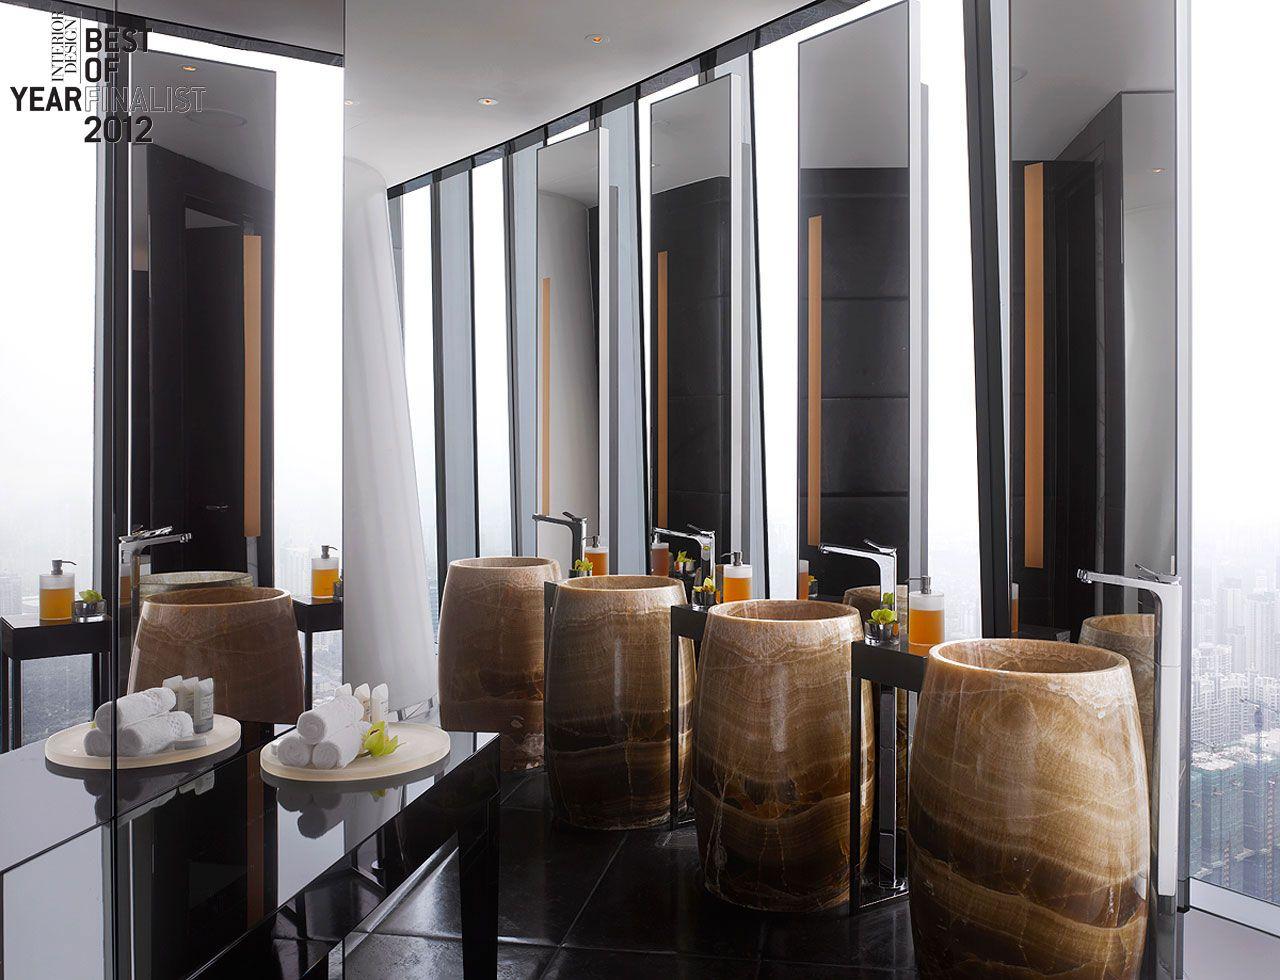 loveisspeed design pinterest badezimmer g ste wc und sanit r. Black Bedroom Furniture Sets. Home Design Ideas